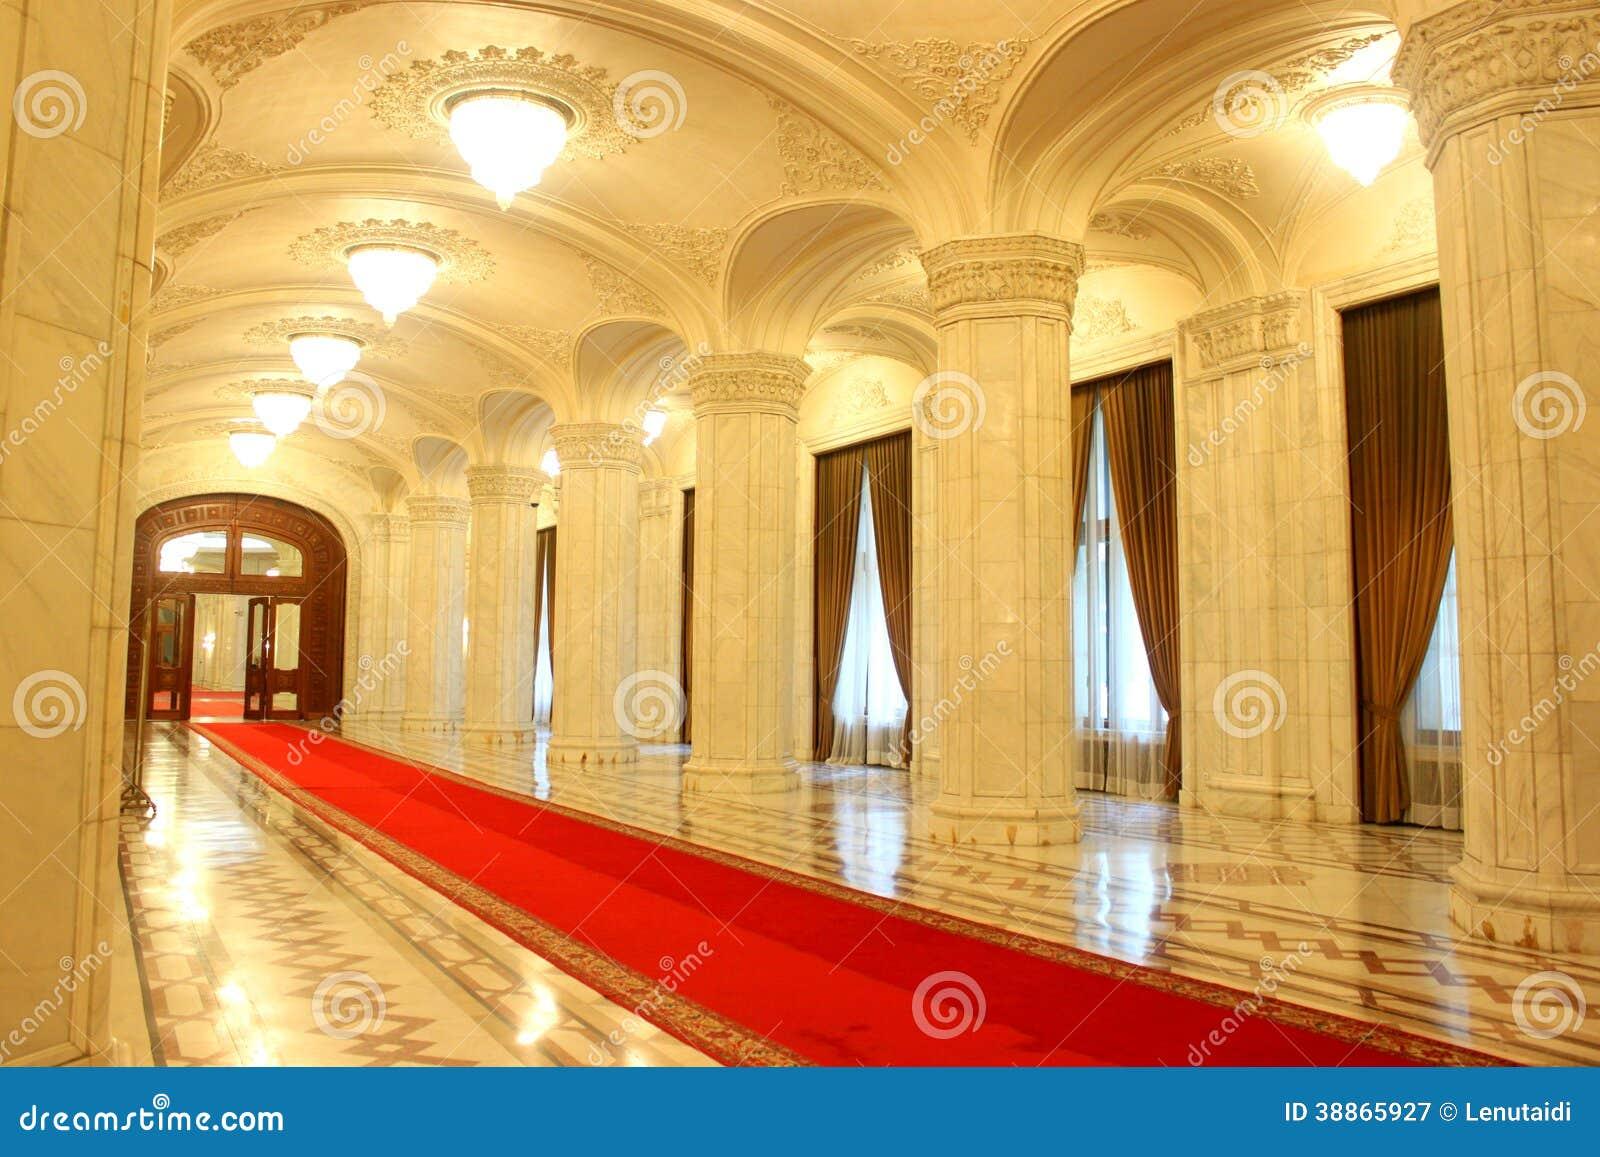 Palazzo Del Parlamento Fotografia Stock Immagine 38865927